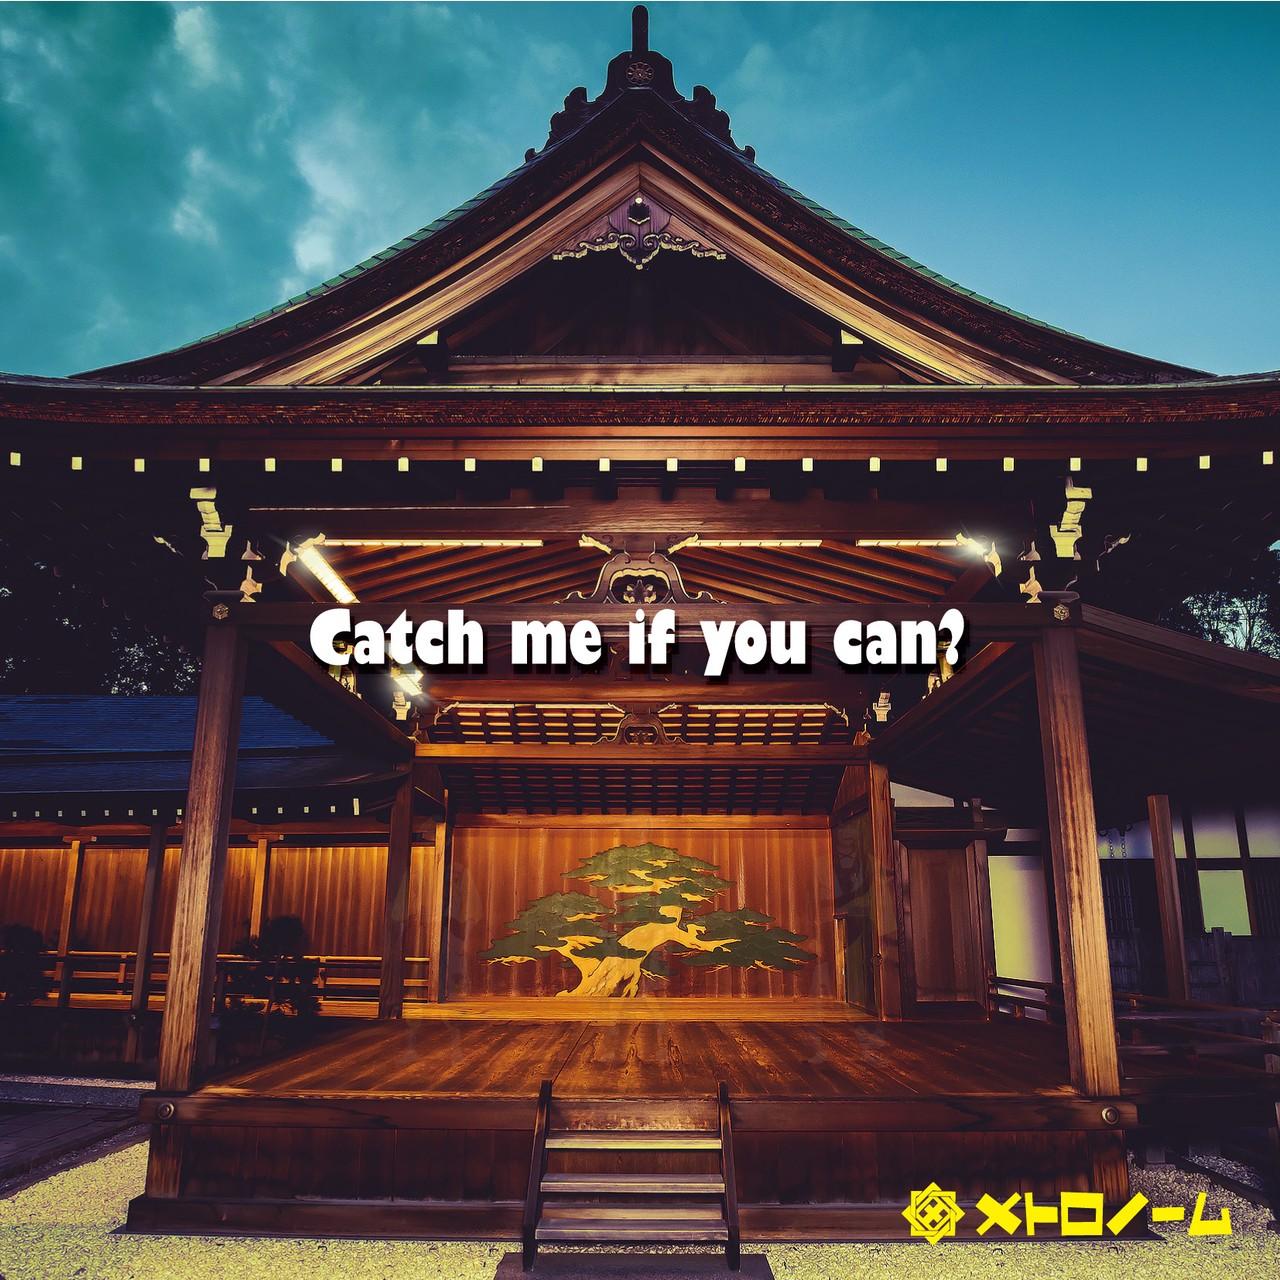 メトロノーム (METRONOME) – Catch me if you can? [FLAC + MP3 320 / CD] [2019.04.24]